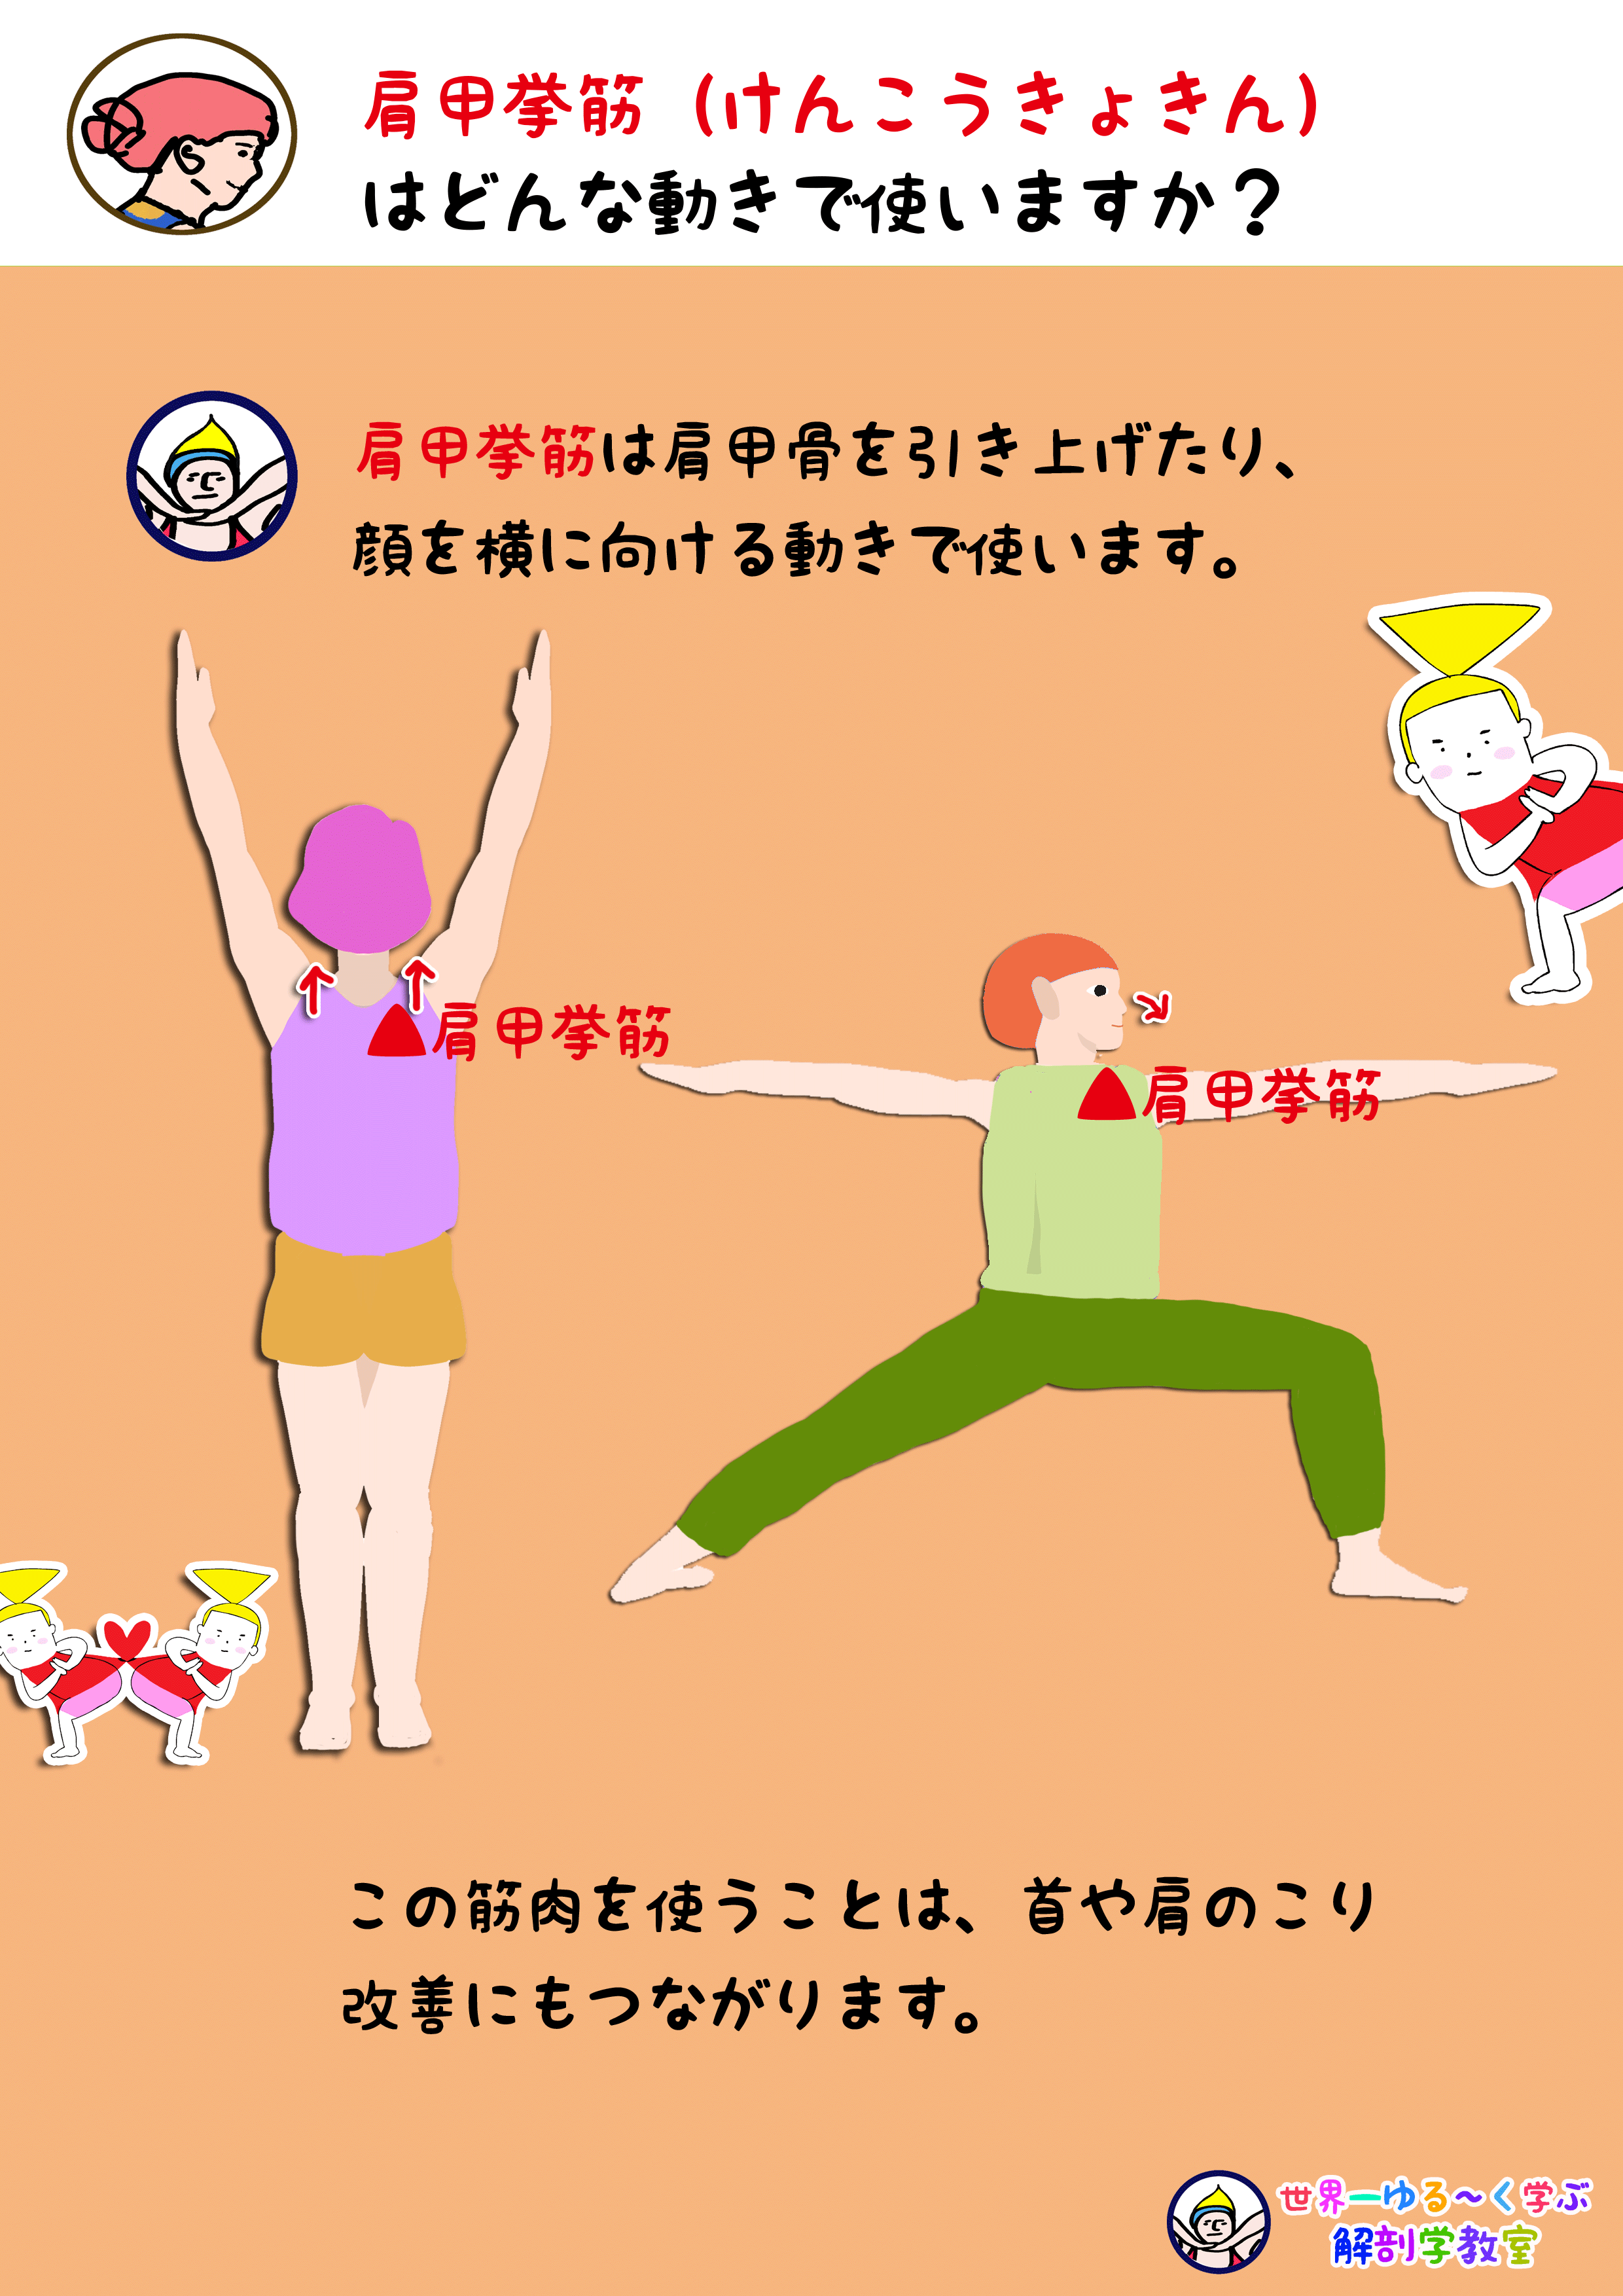 肩甲挙筋を使う動き